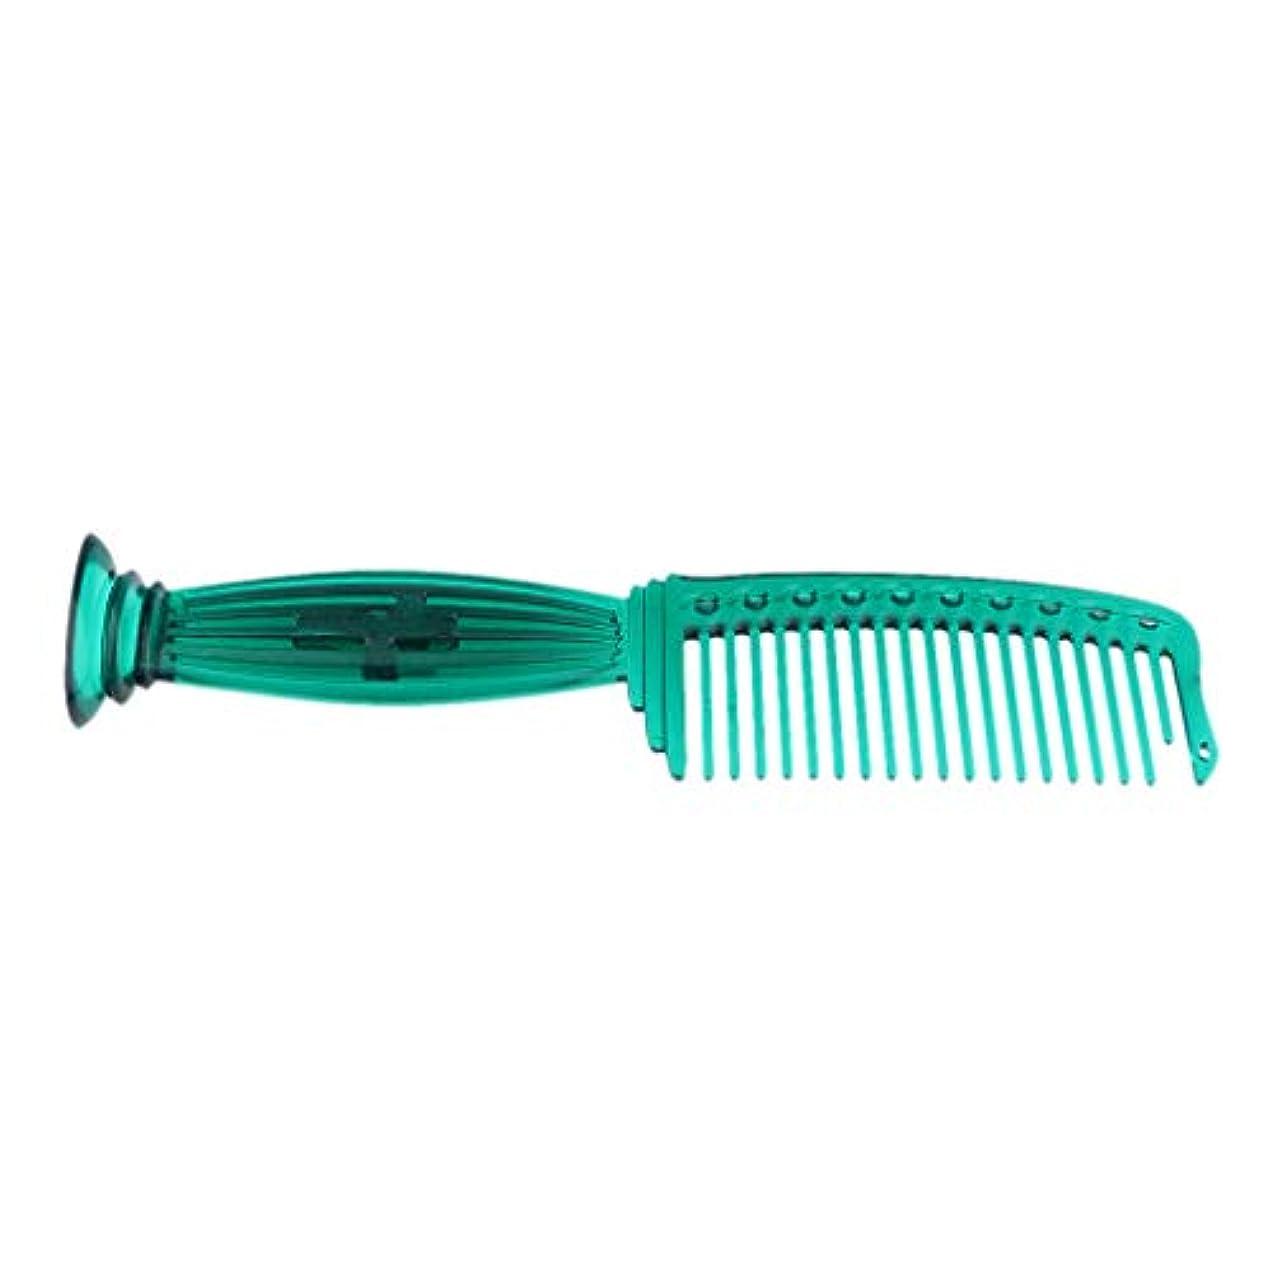 アライアンスきょうだい祖父母を訪問T TOOYFUL 全5色 ワイド歯 ヘアコーム ヘアブラシ プラスチック櫛 頭皮保護 櫛 プロ ヘアサロン 理髪師用 - 緑